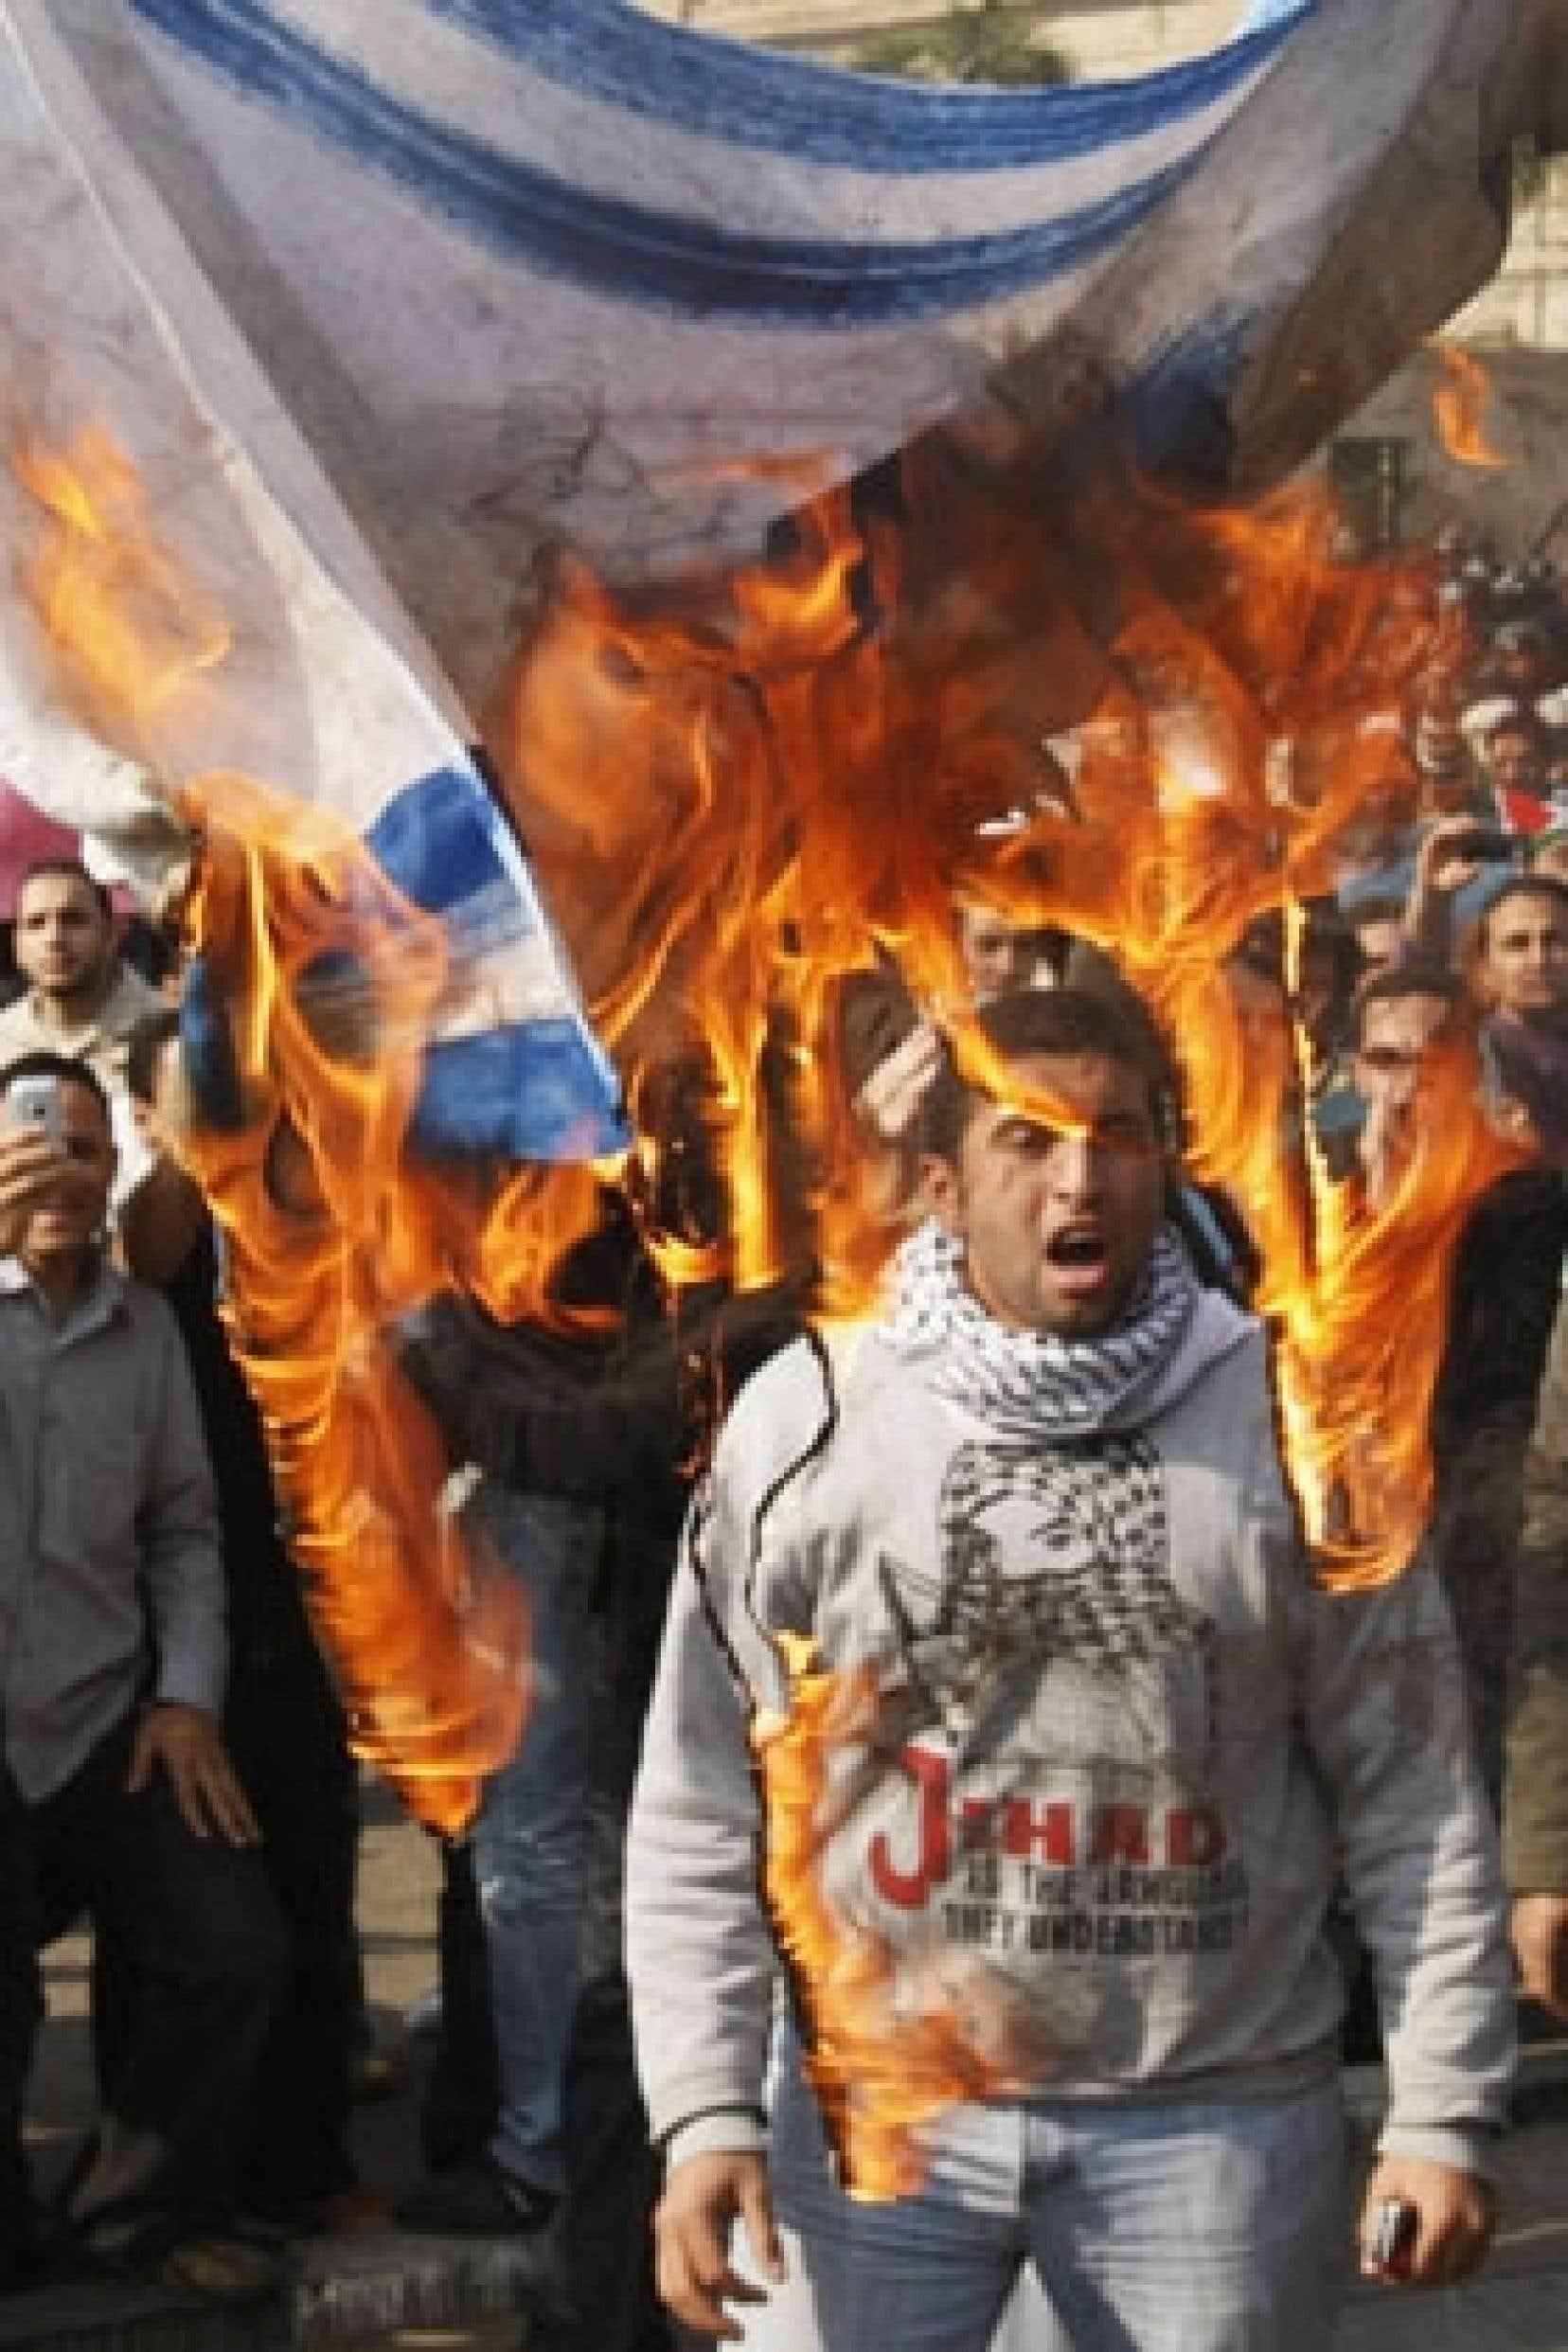 Un manifestant a brûlé le drapeau israélien au Caire.